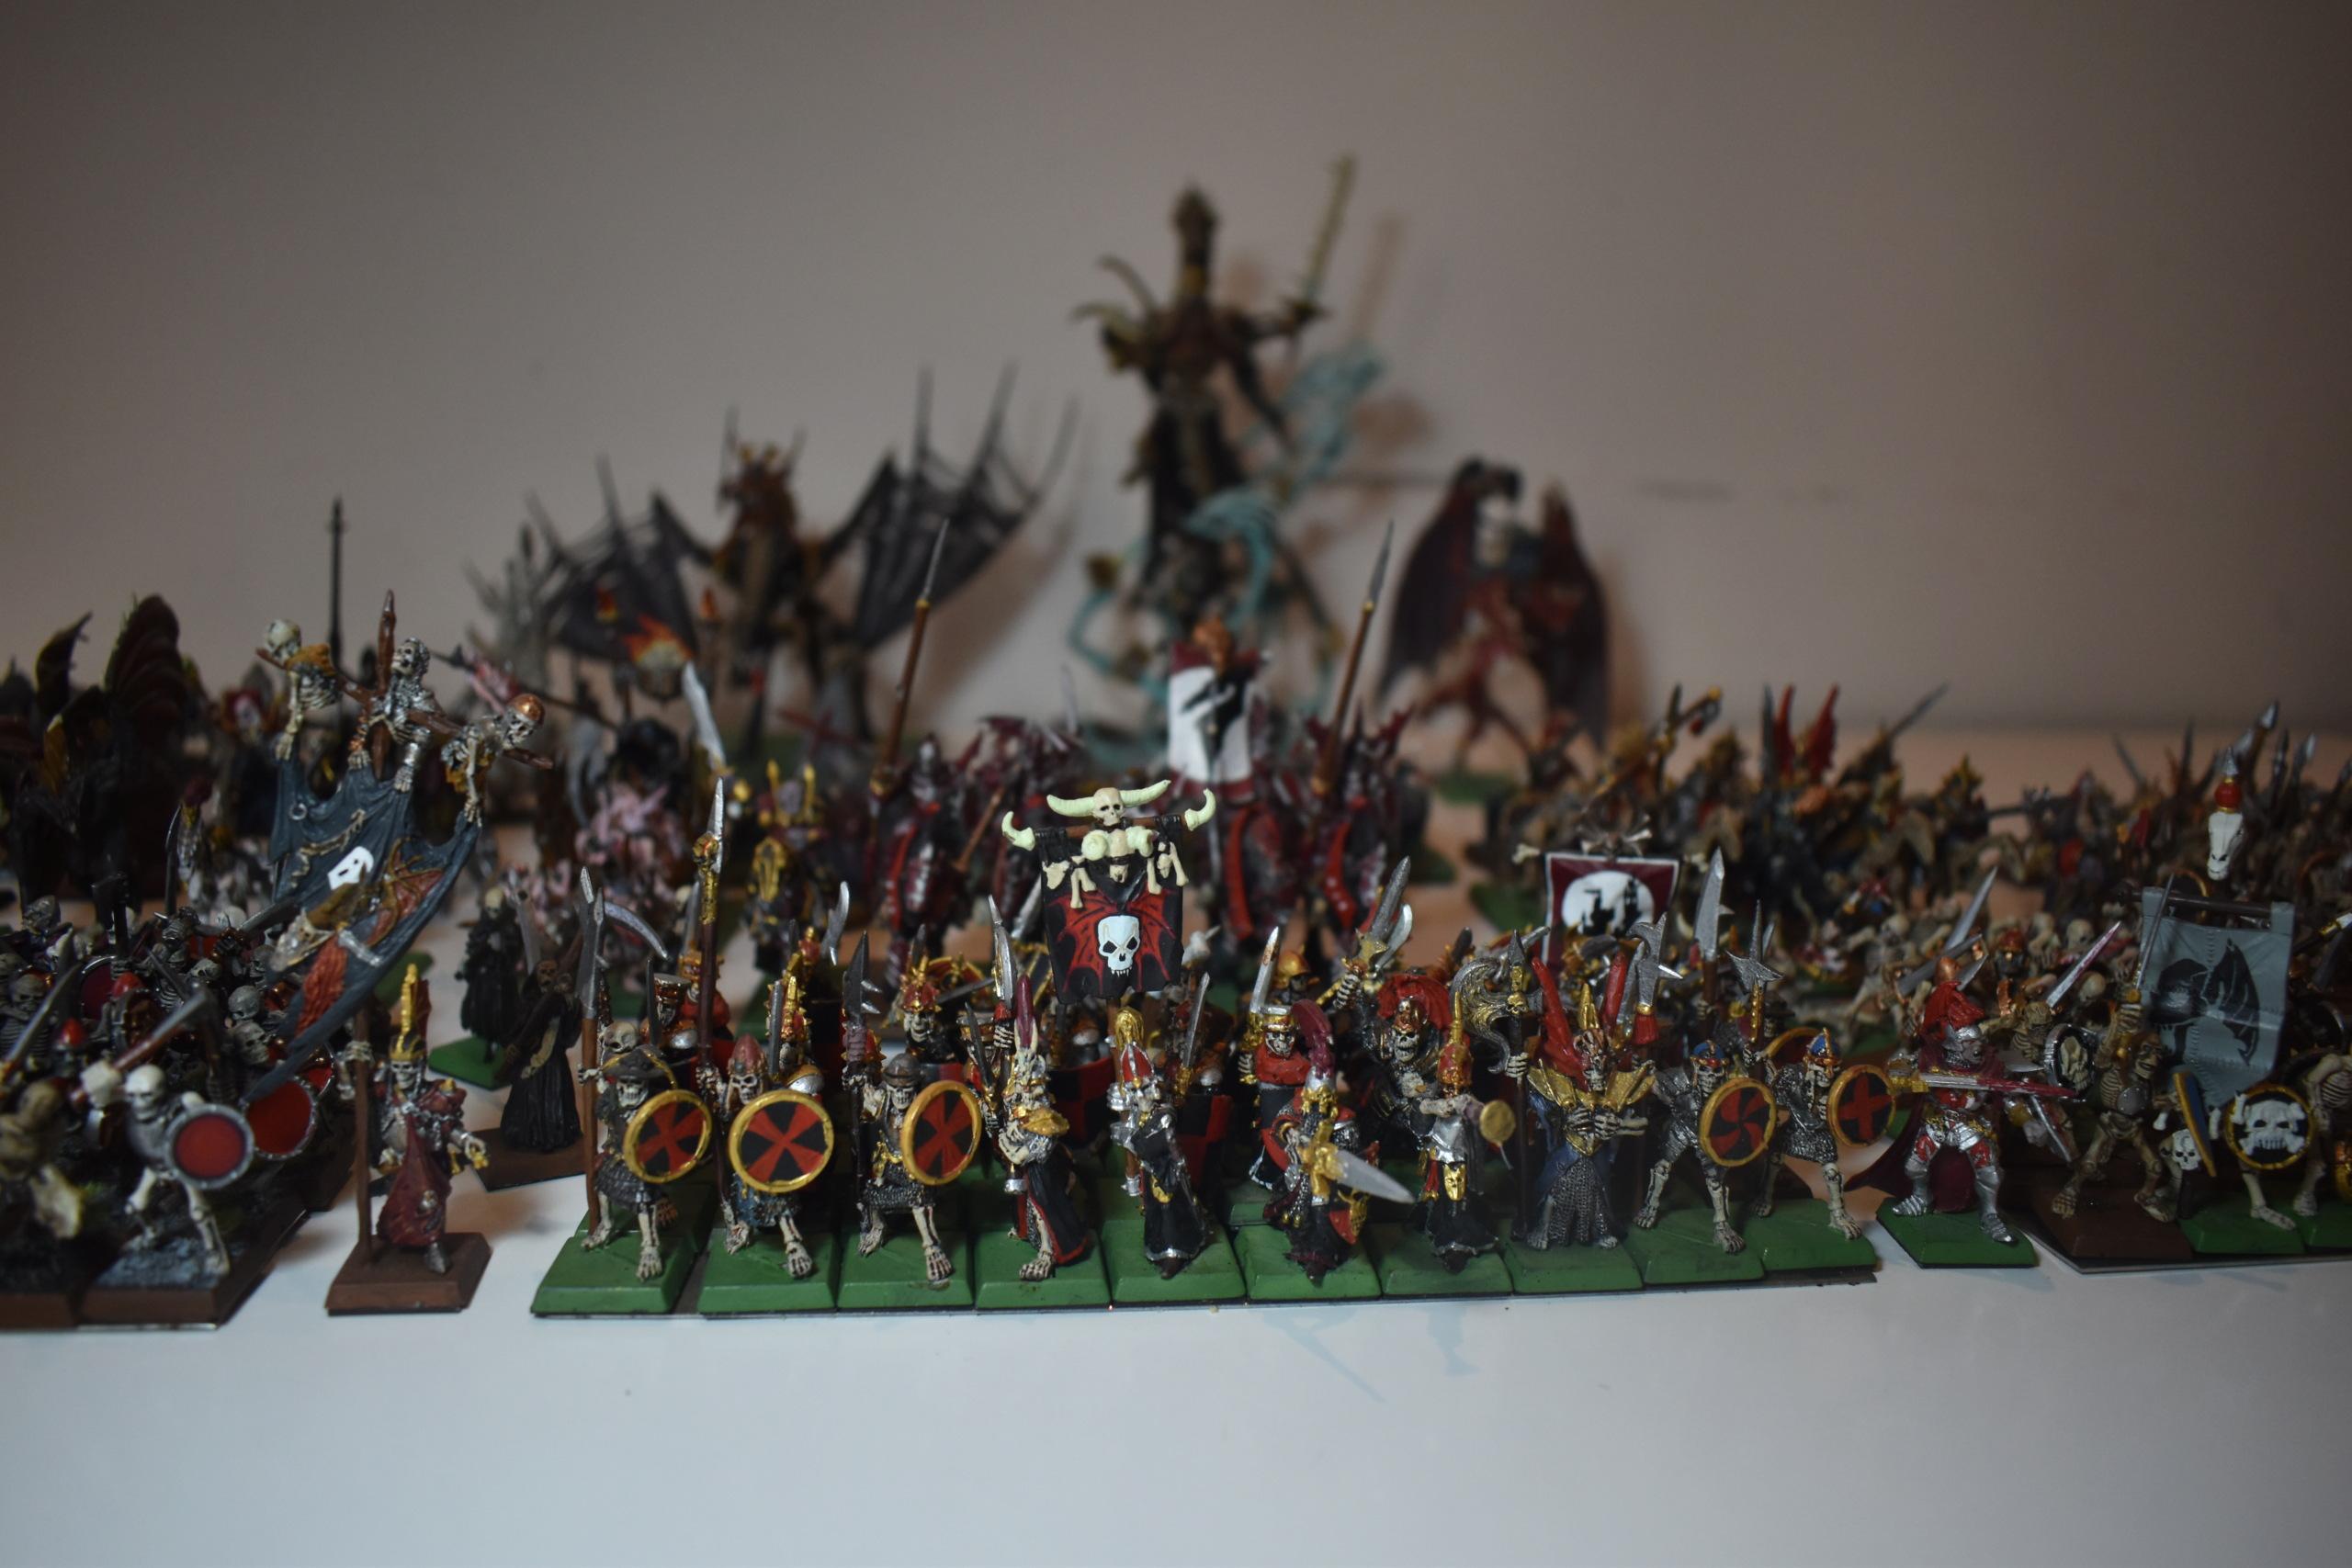 Les Armées de Nico. (Battle, 40K & HH) - Page 6 Dsc_0257